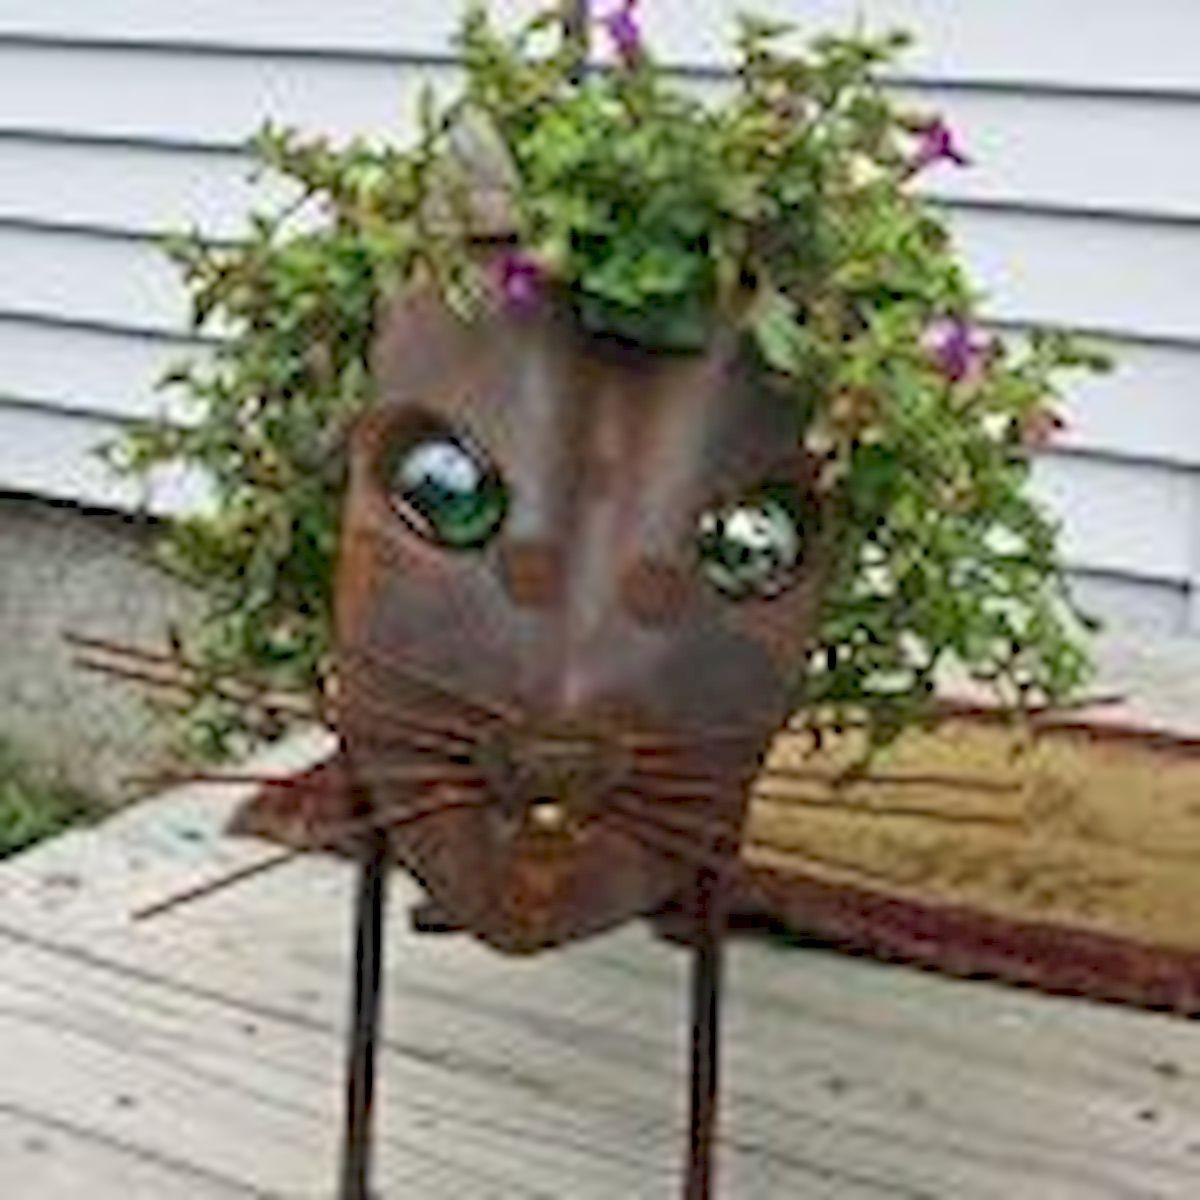 60 Creative DIY Garden Art From Junk Design Ideas (35)